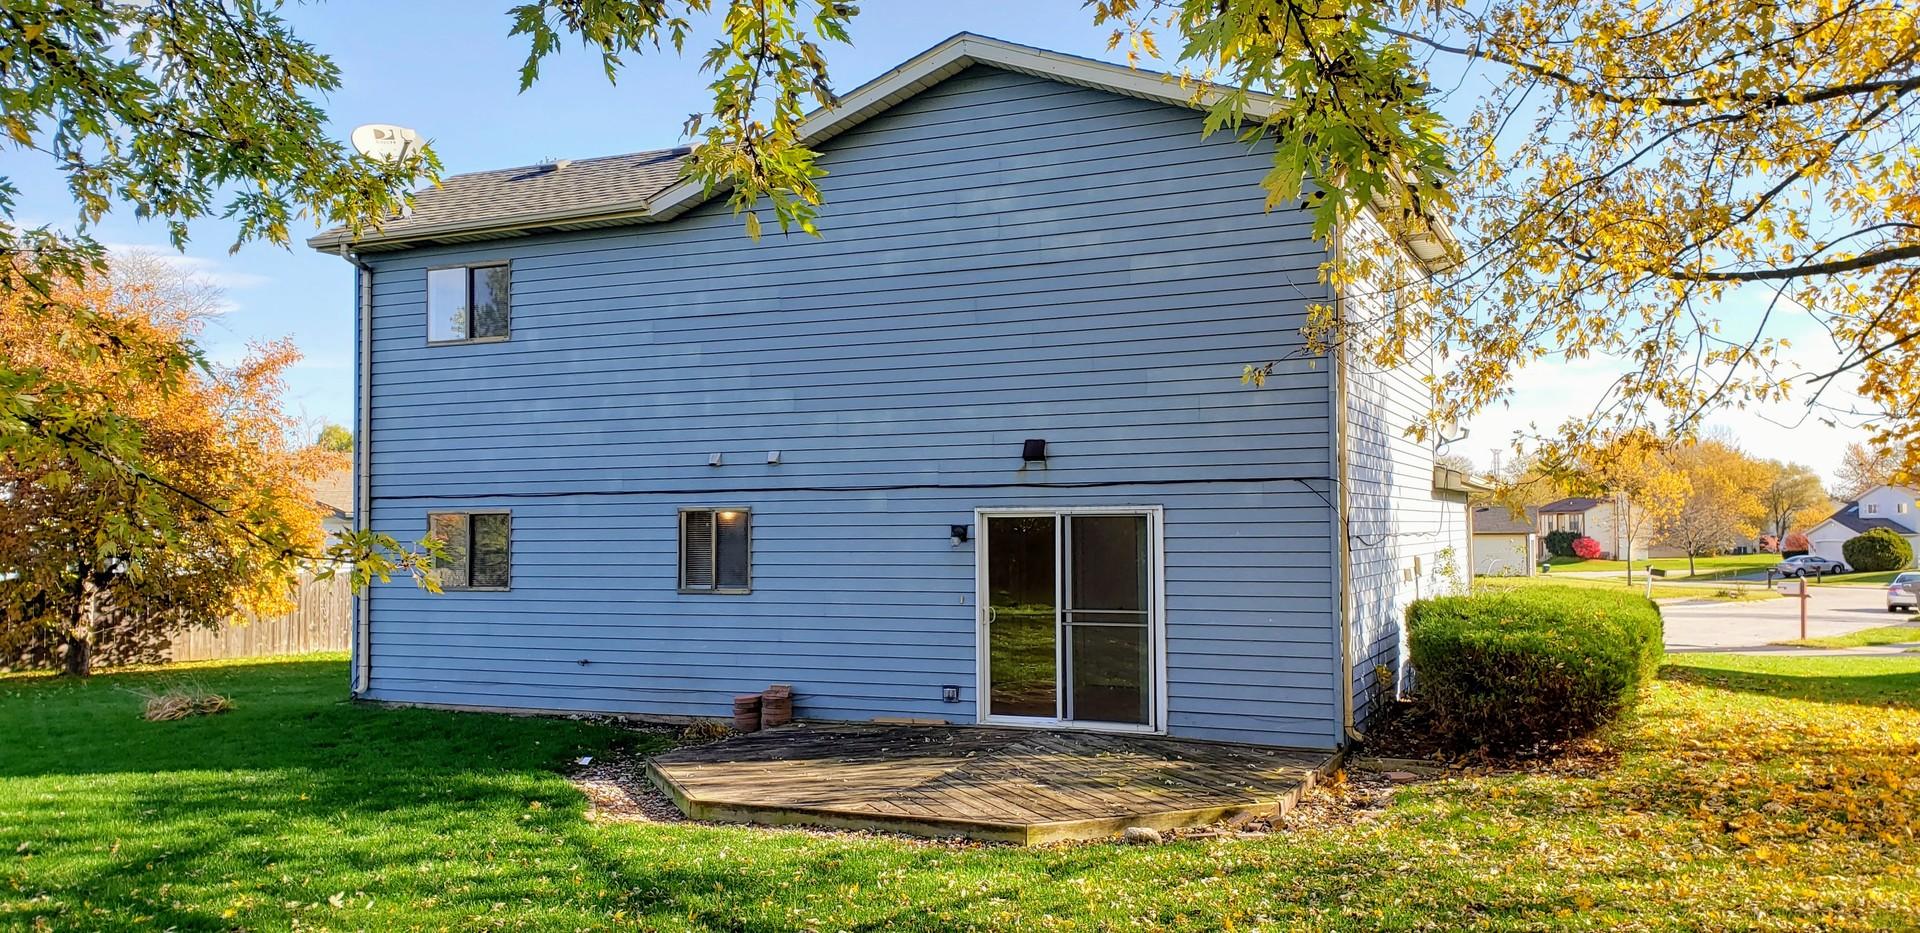 3005 TIMBER HILL, AURORA, Illinois, 60504